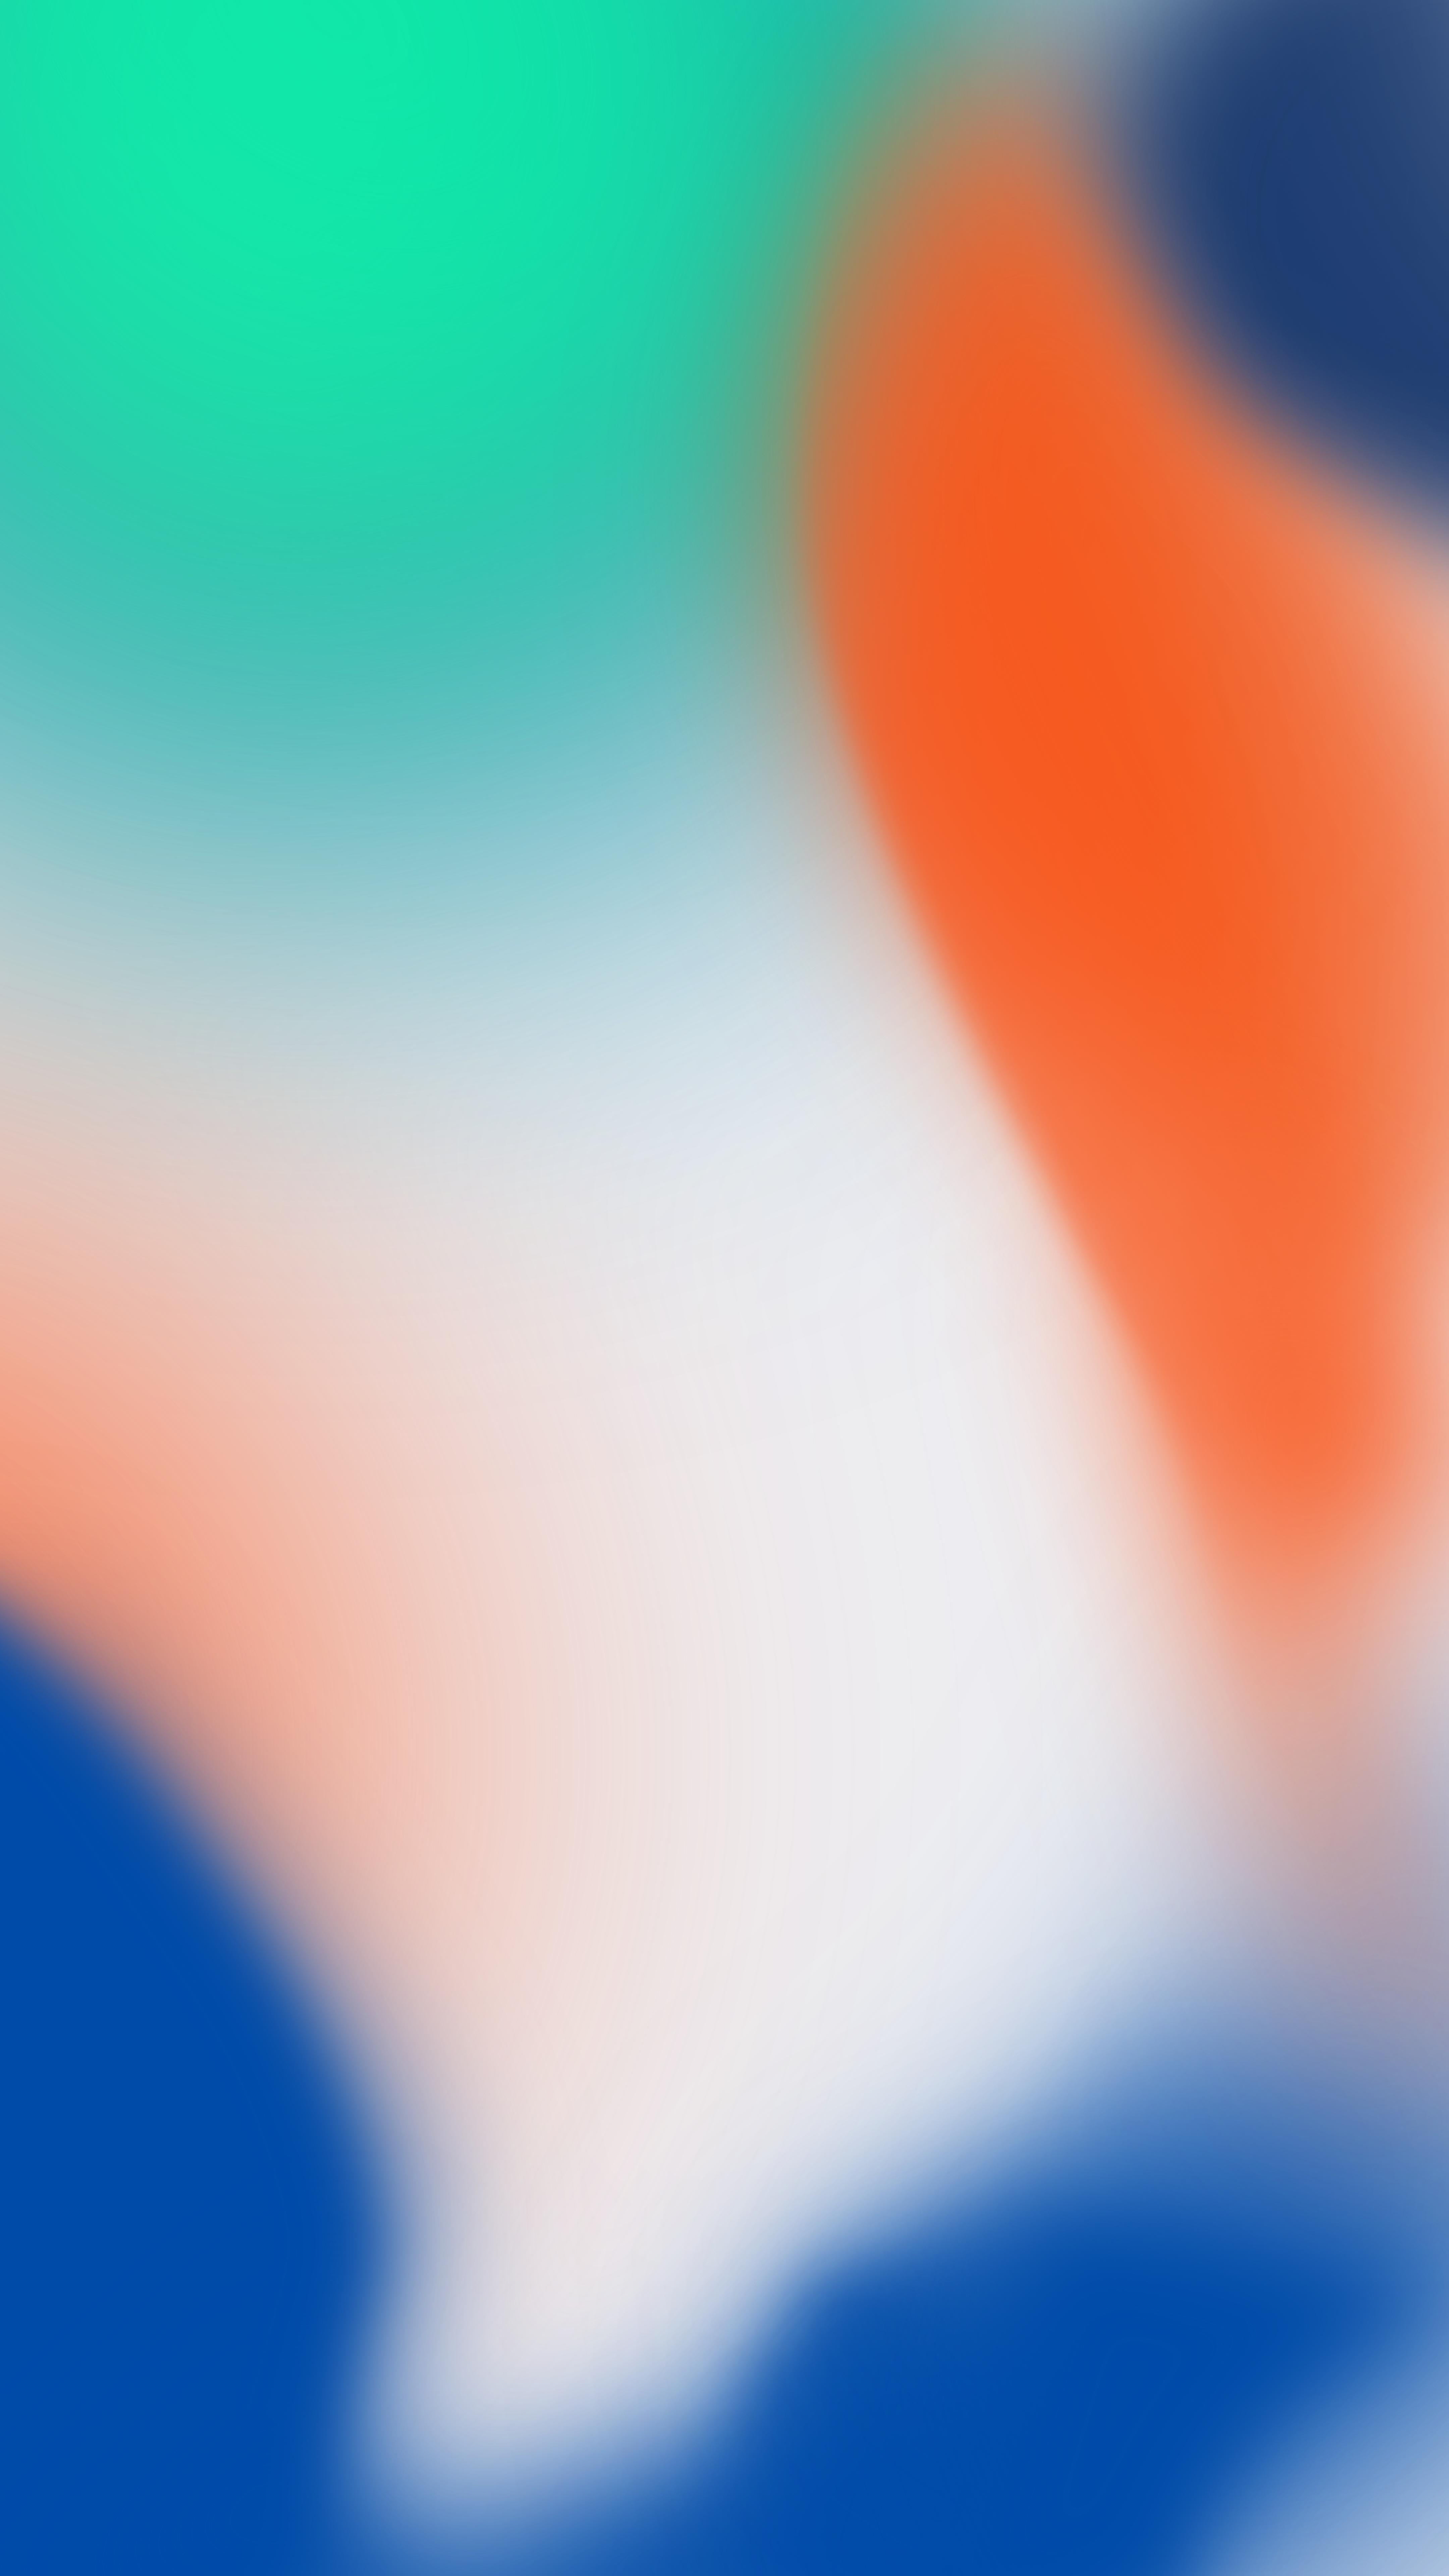 Iphone X Default Stock Wallpaper For Older Iphones Silver